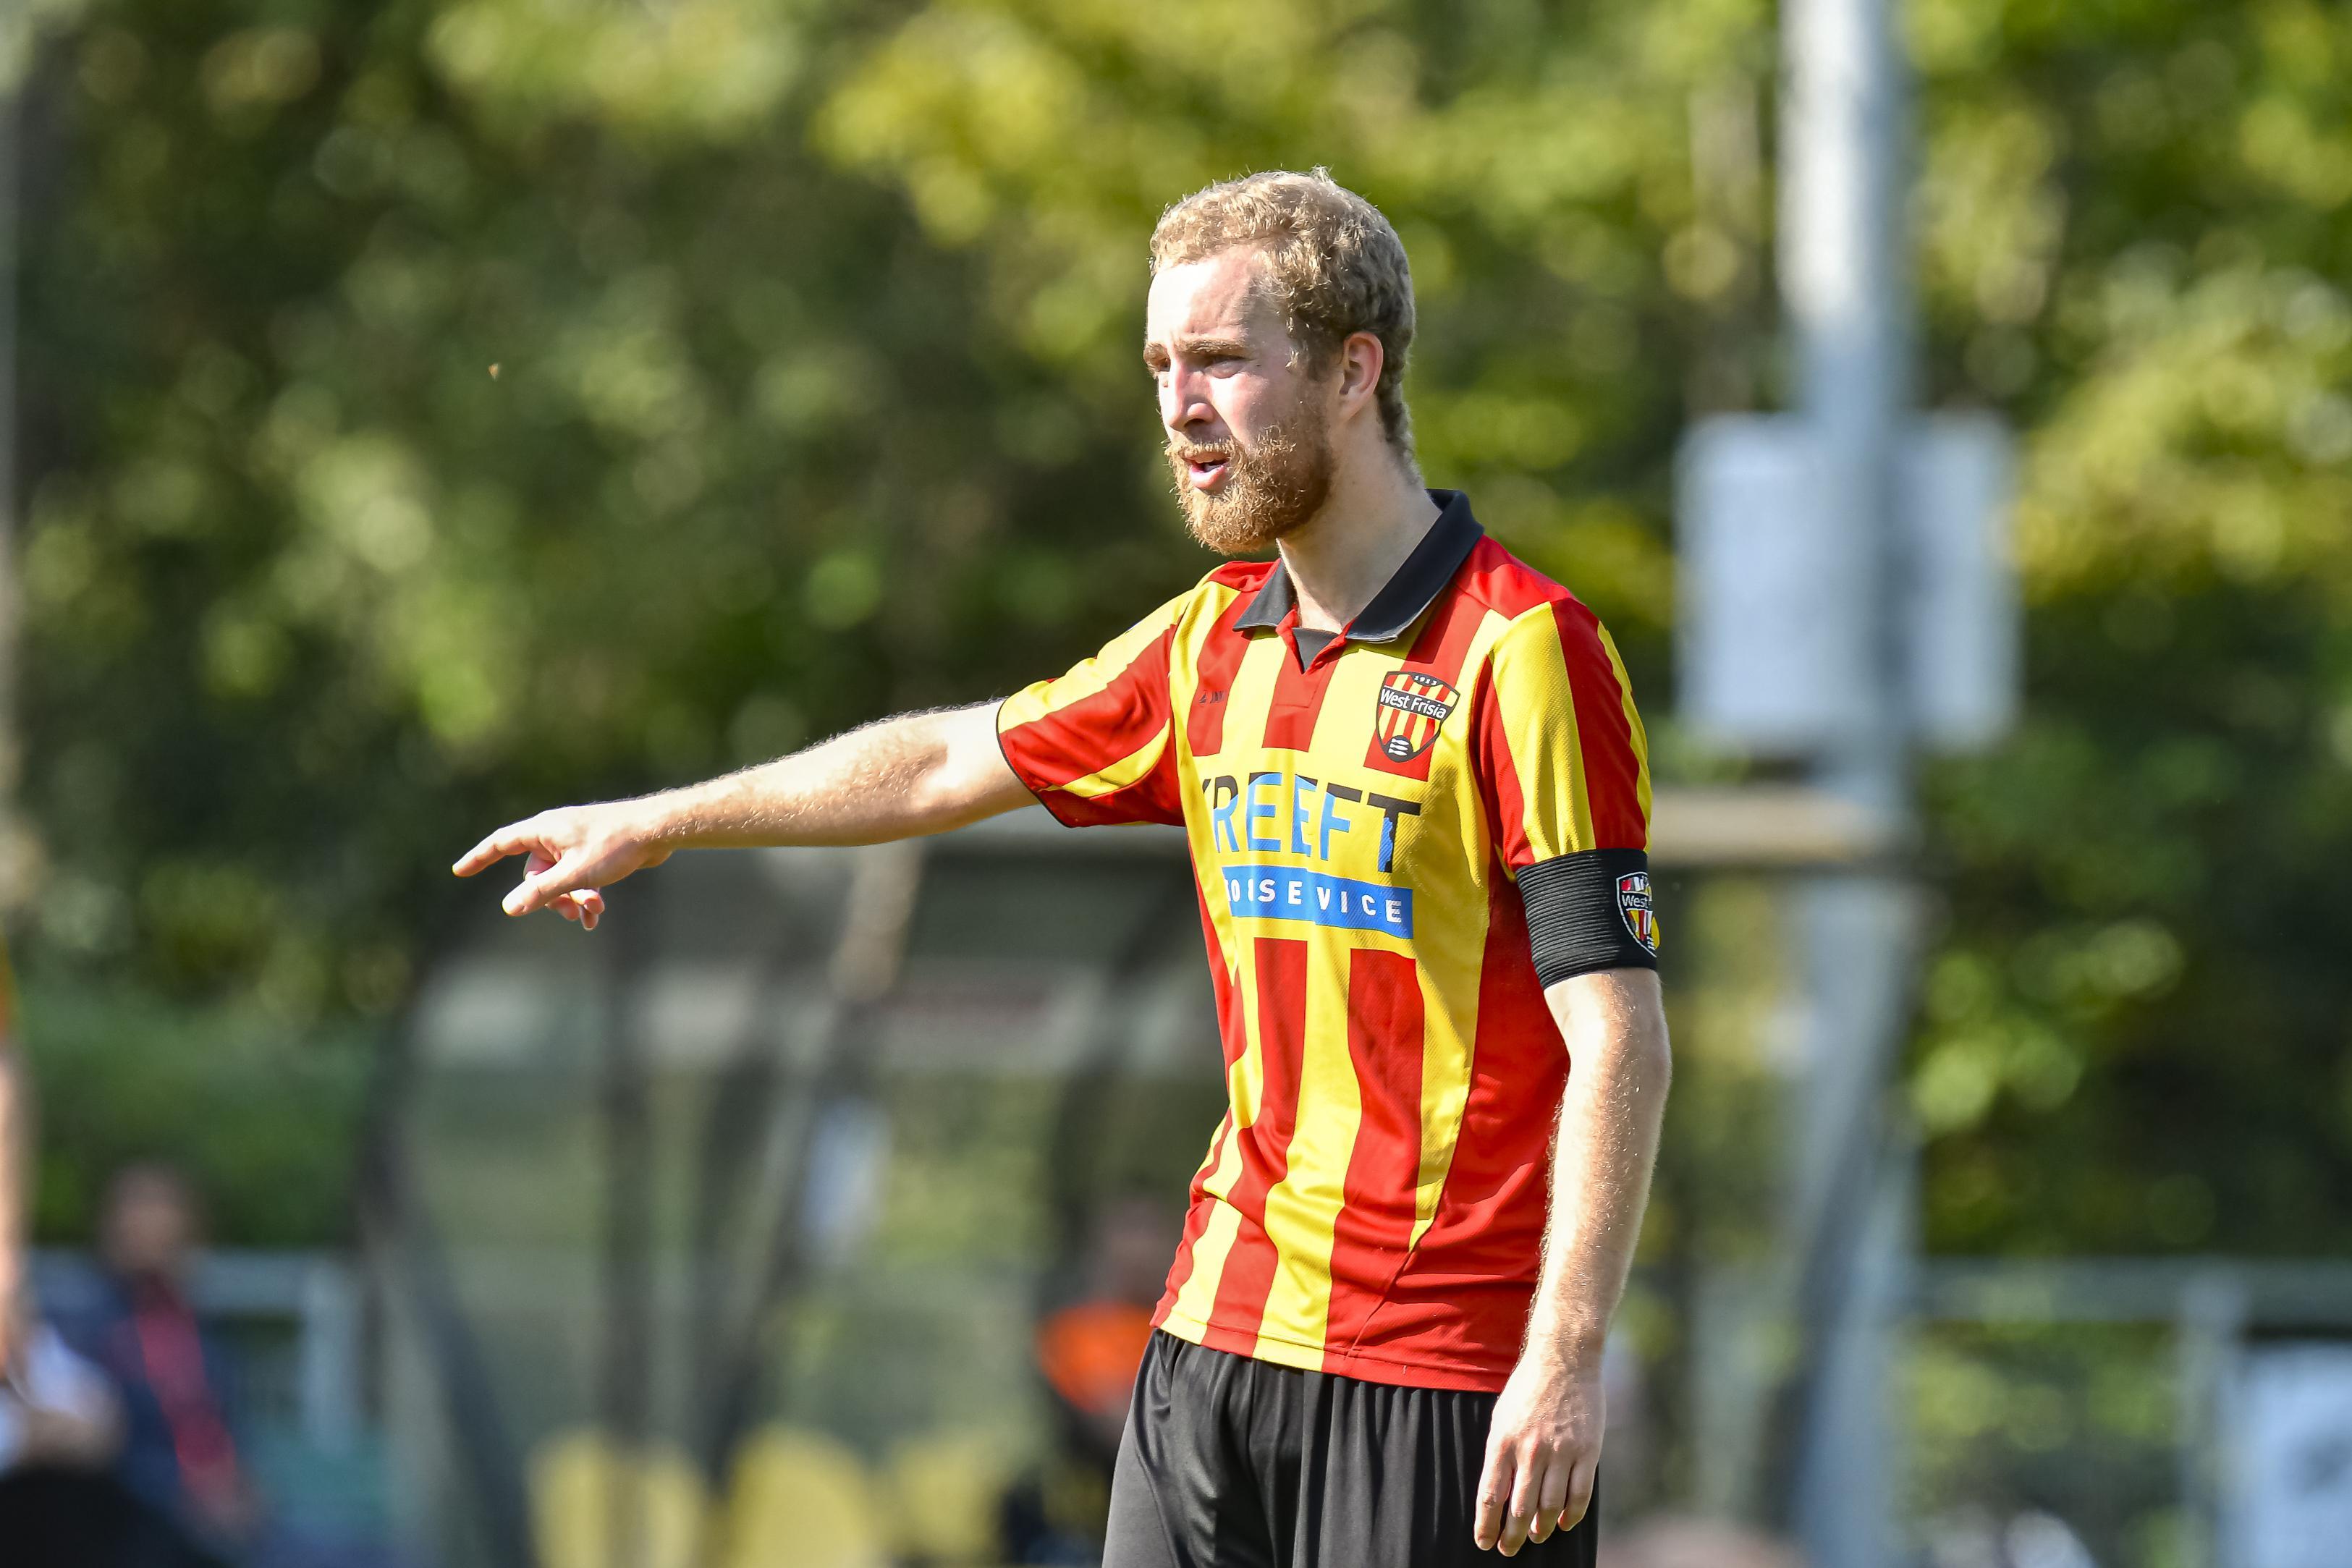 Twee jaar terug gestopte Brian Kaagman komend seizoen aanvoerder van West Frisia: 'Ik ben geen broekie meer en heb genoeg ervaring om te weten waar ik over praat'